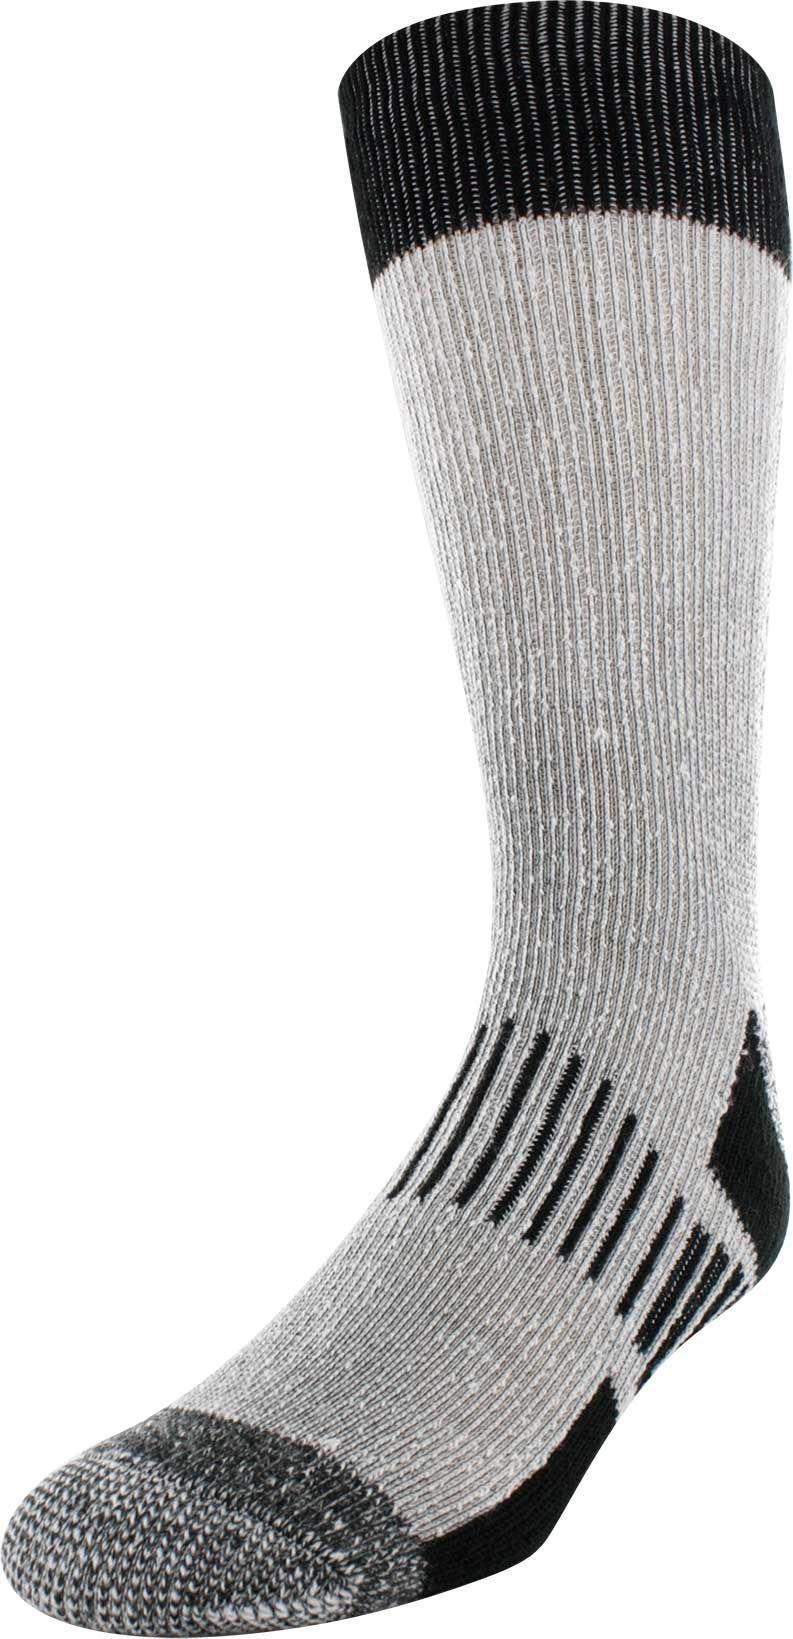 Field & Stream Woodland Hiker Crew Socks 3 Pack (Black, XL)